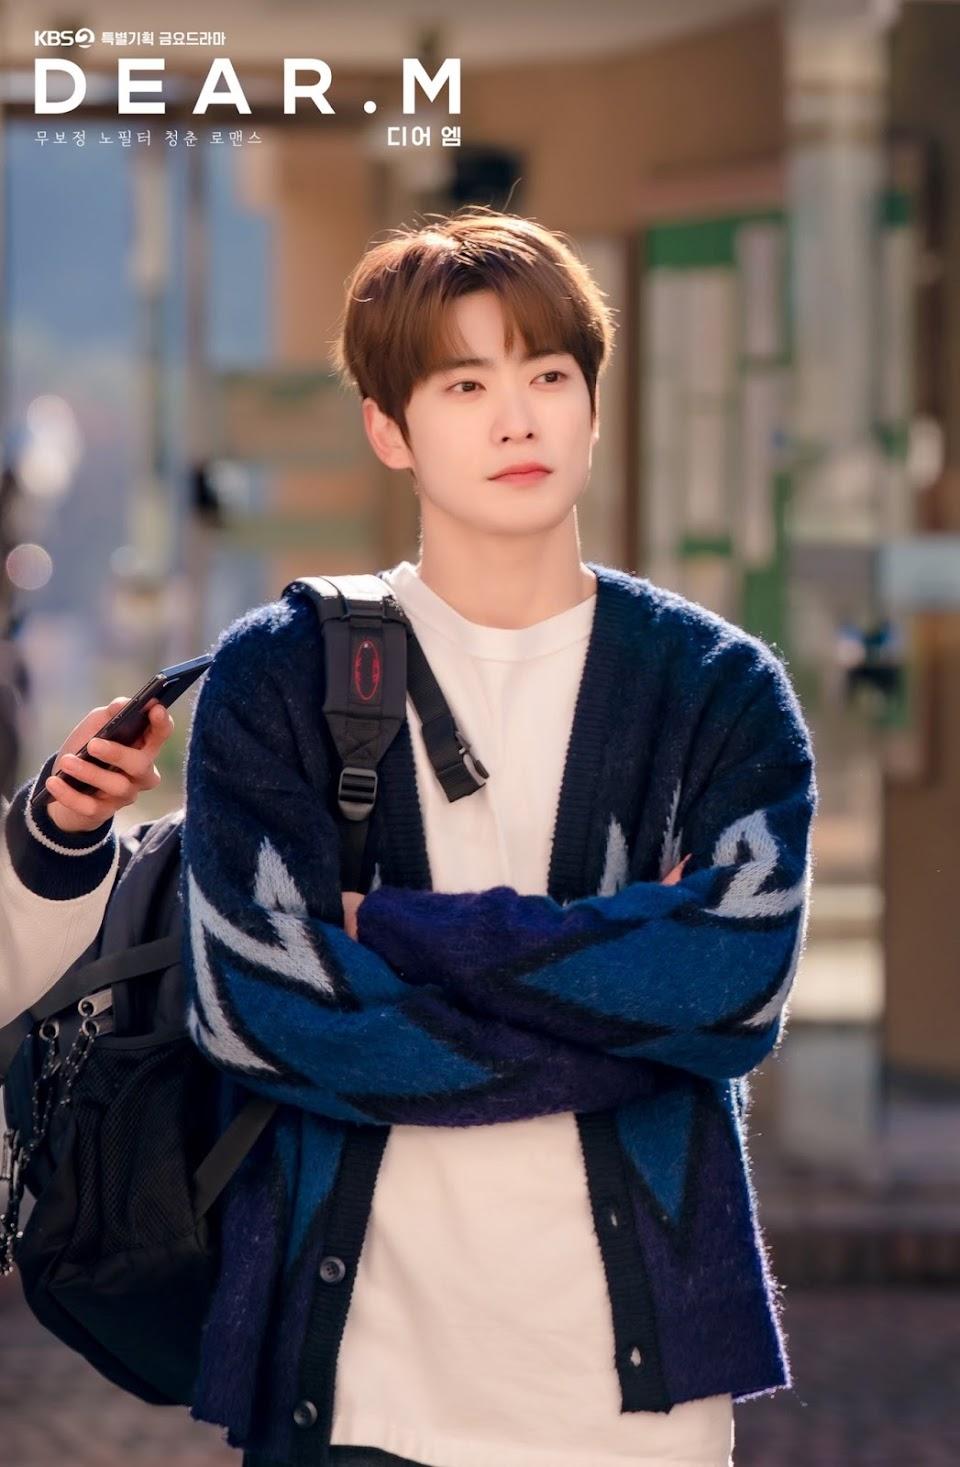 nct jaehyun dear m